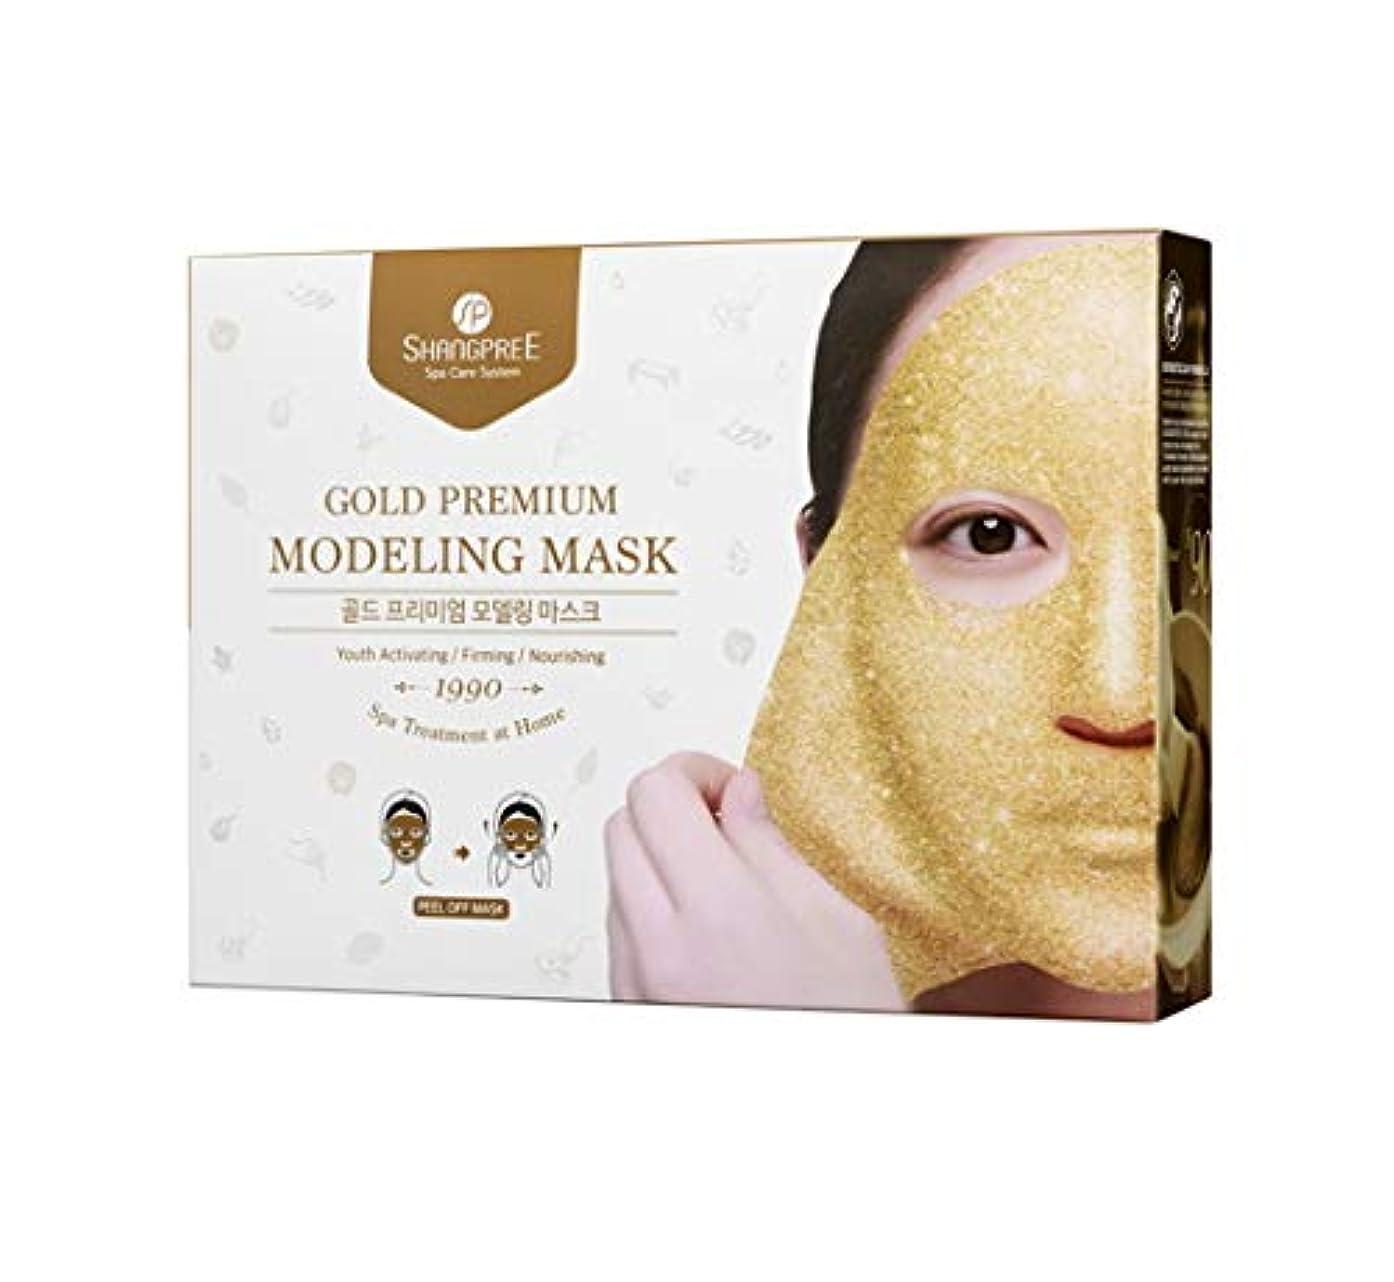 運営スポンサー風邪をひくShangpree プレミアムゴールドモデリングマスク 5枚 gold premium modeling mask 5ea (並行輸入品)